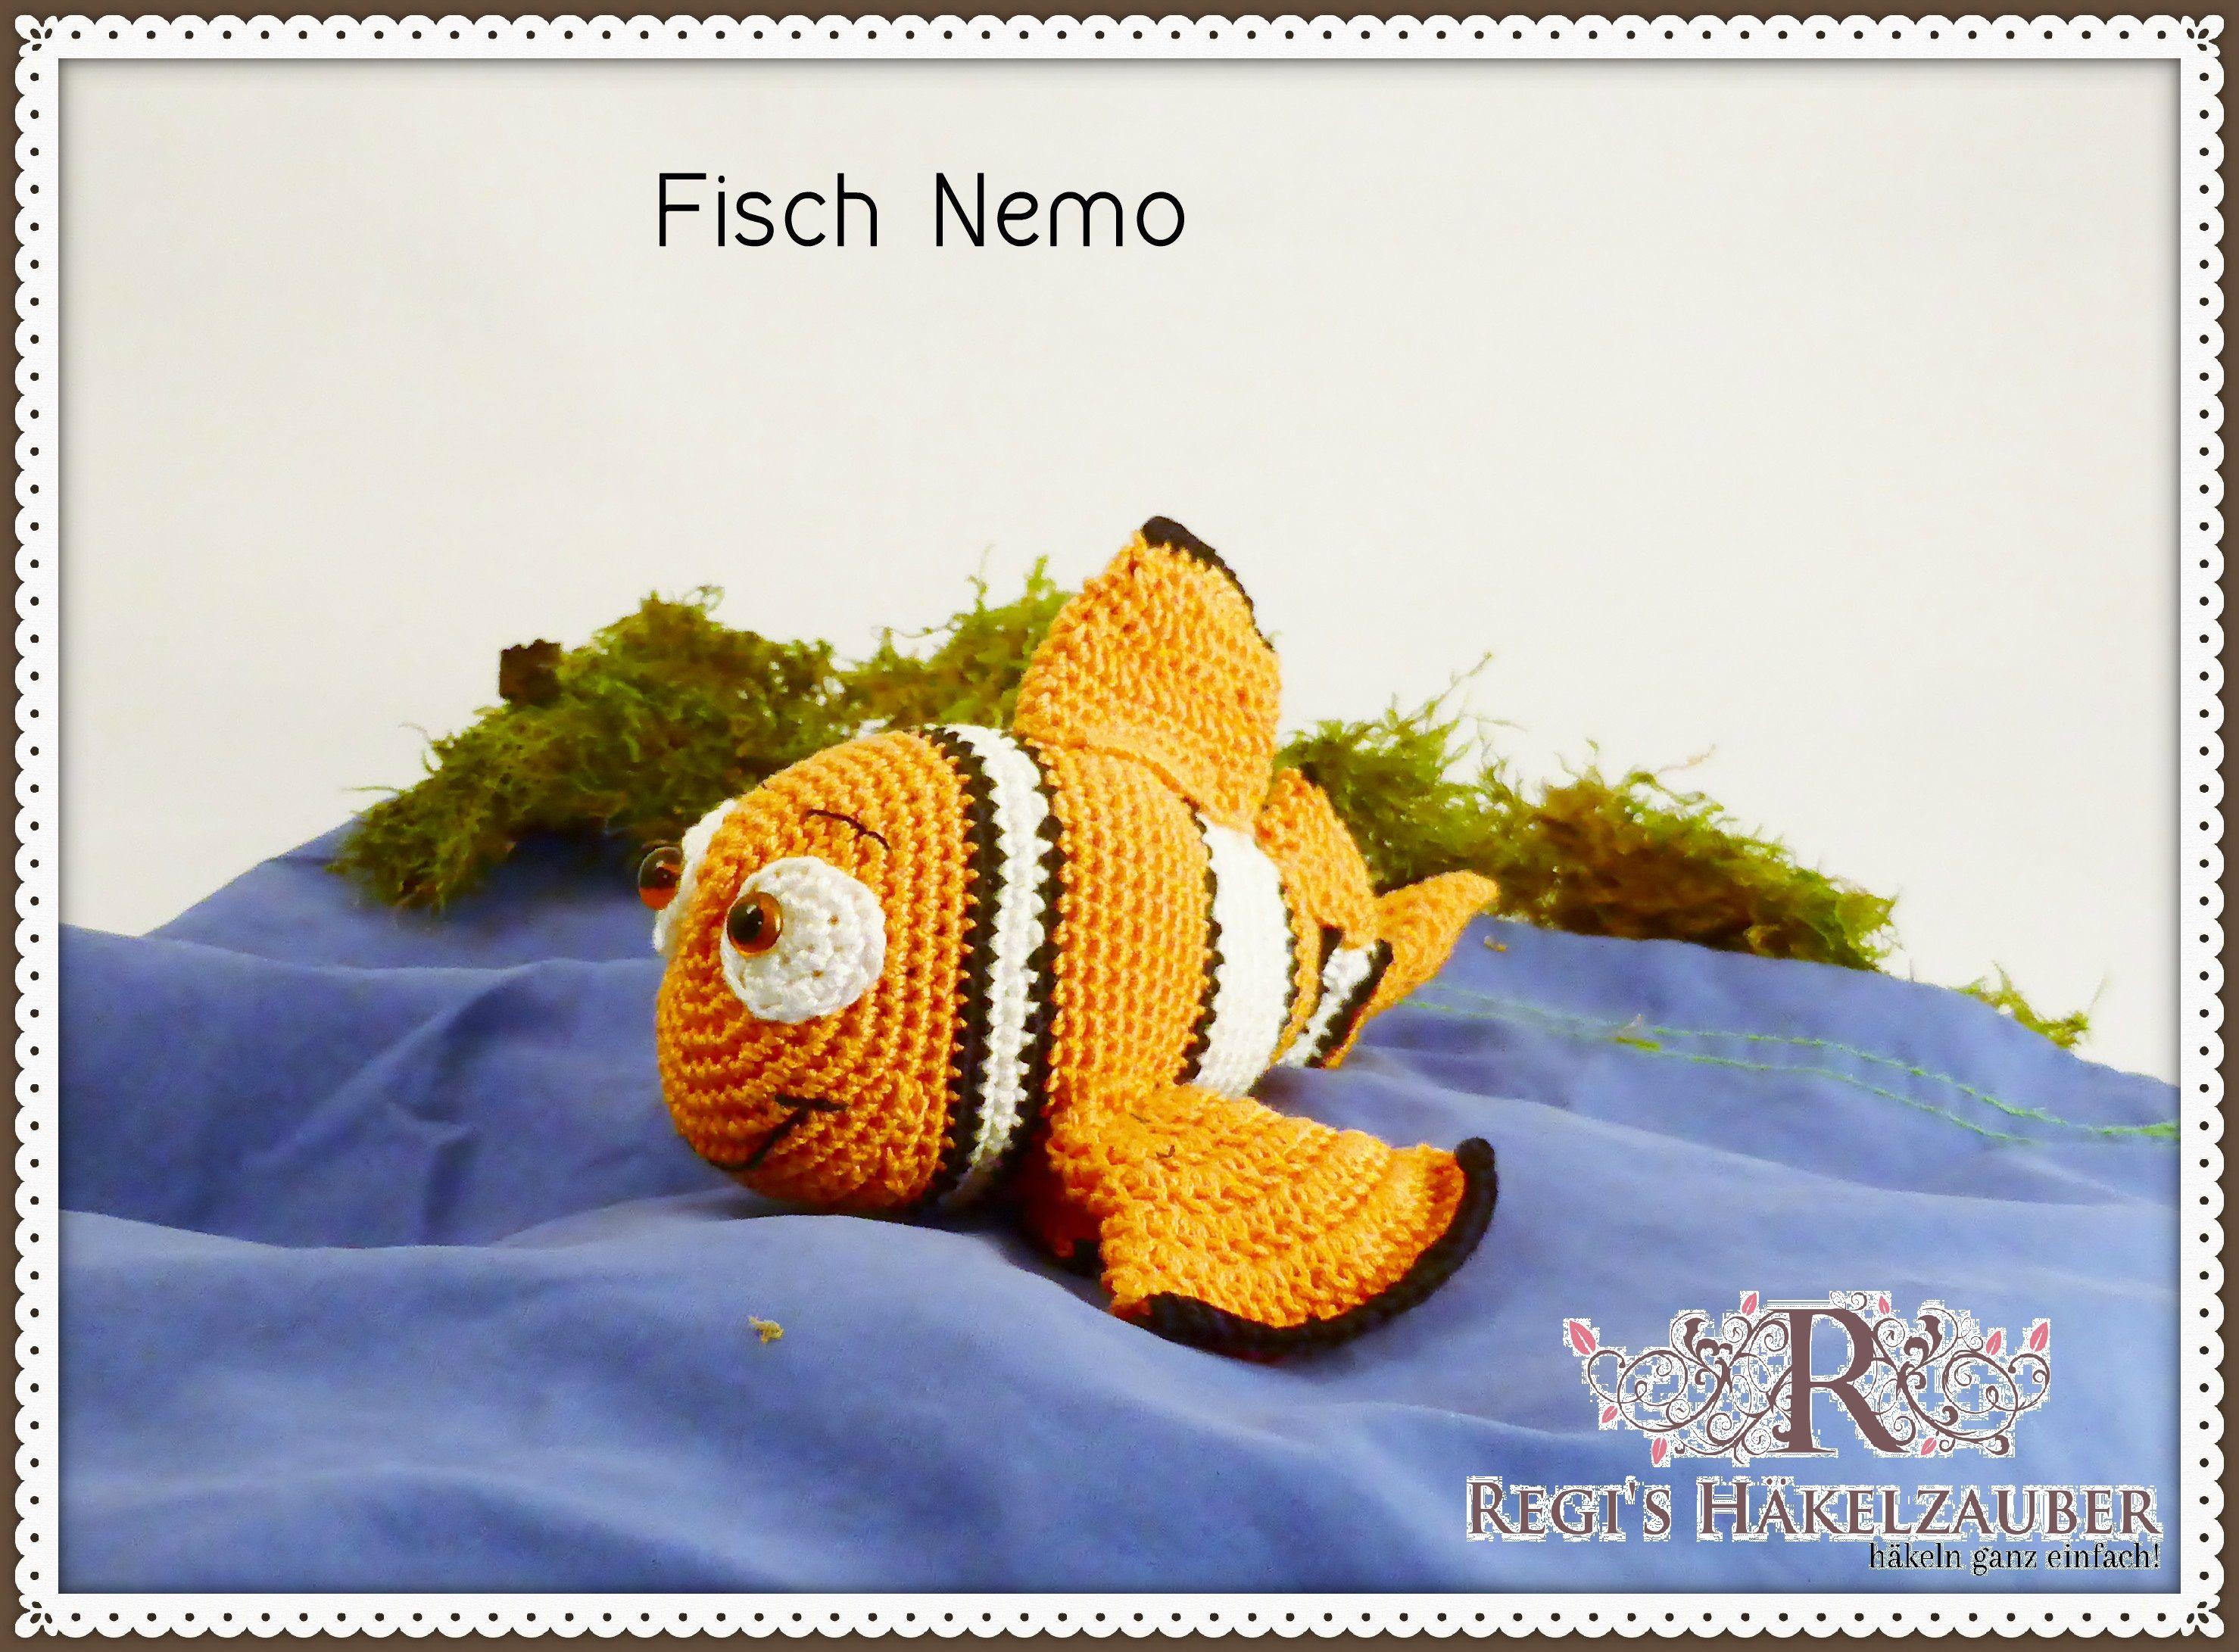 Häkelanleitung Fisch Nemo | Amigurumi Häkelanleitungen | Pinterest